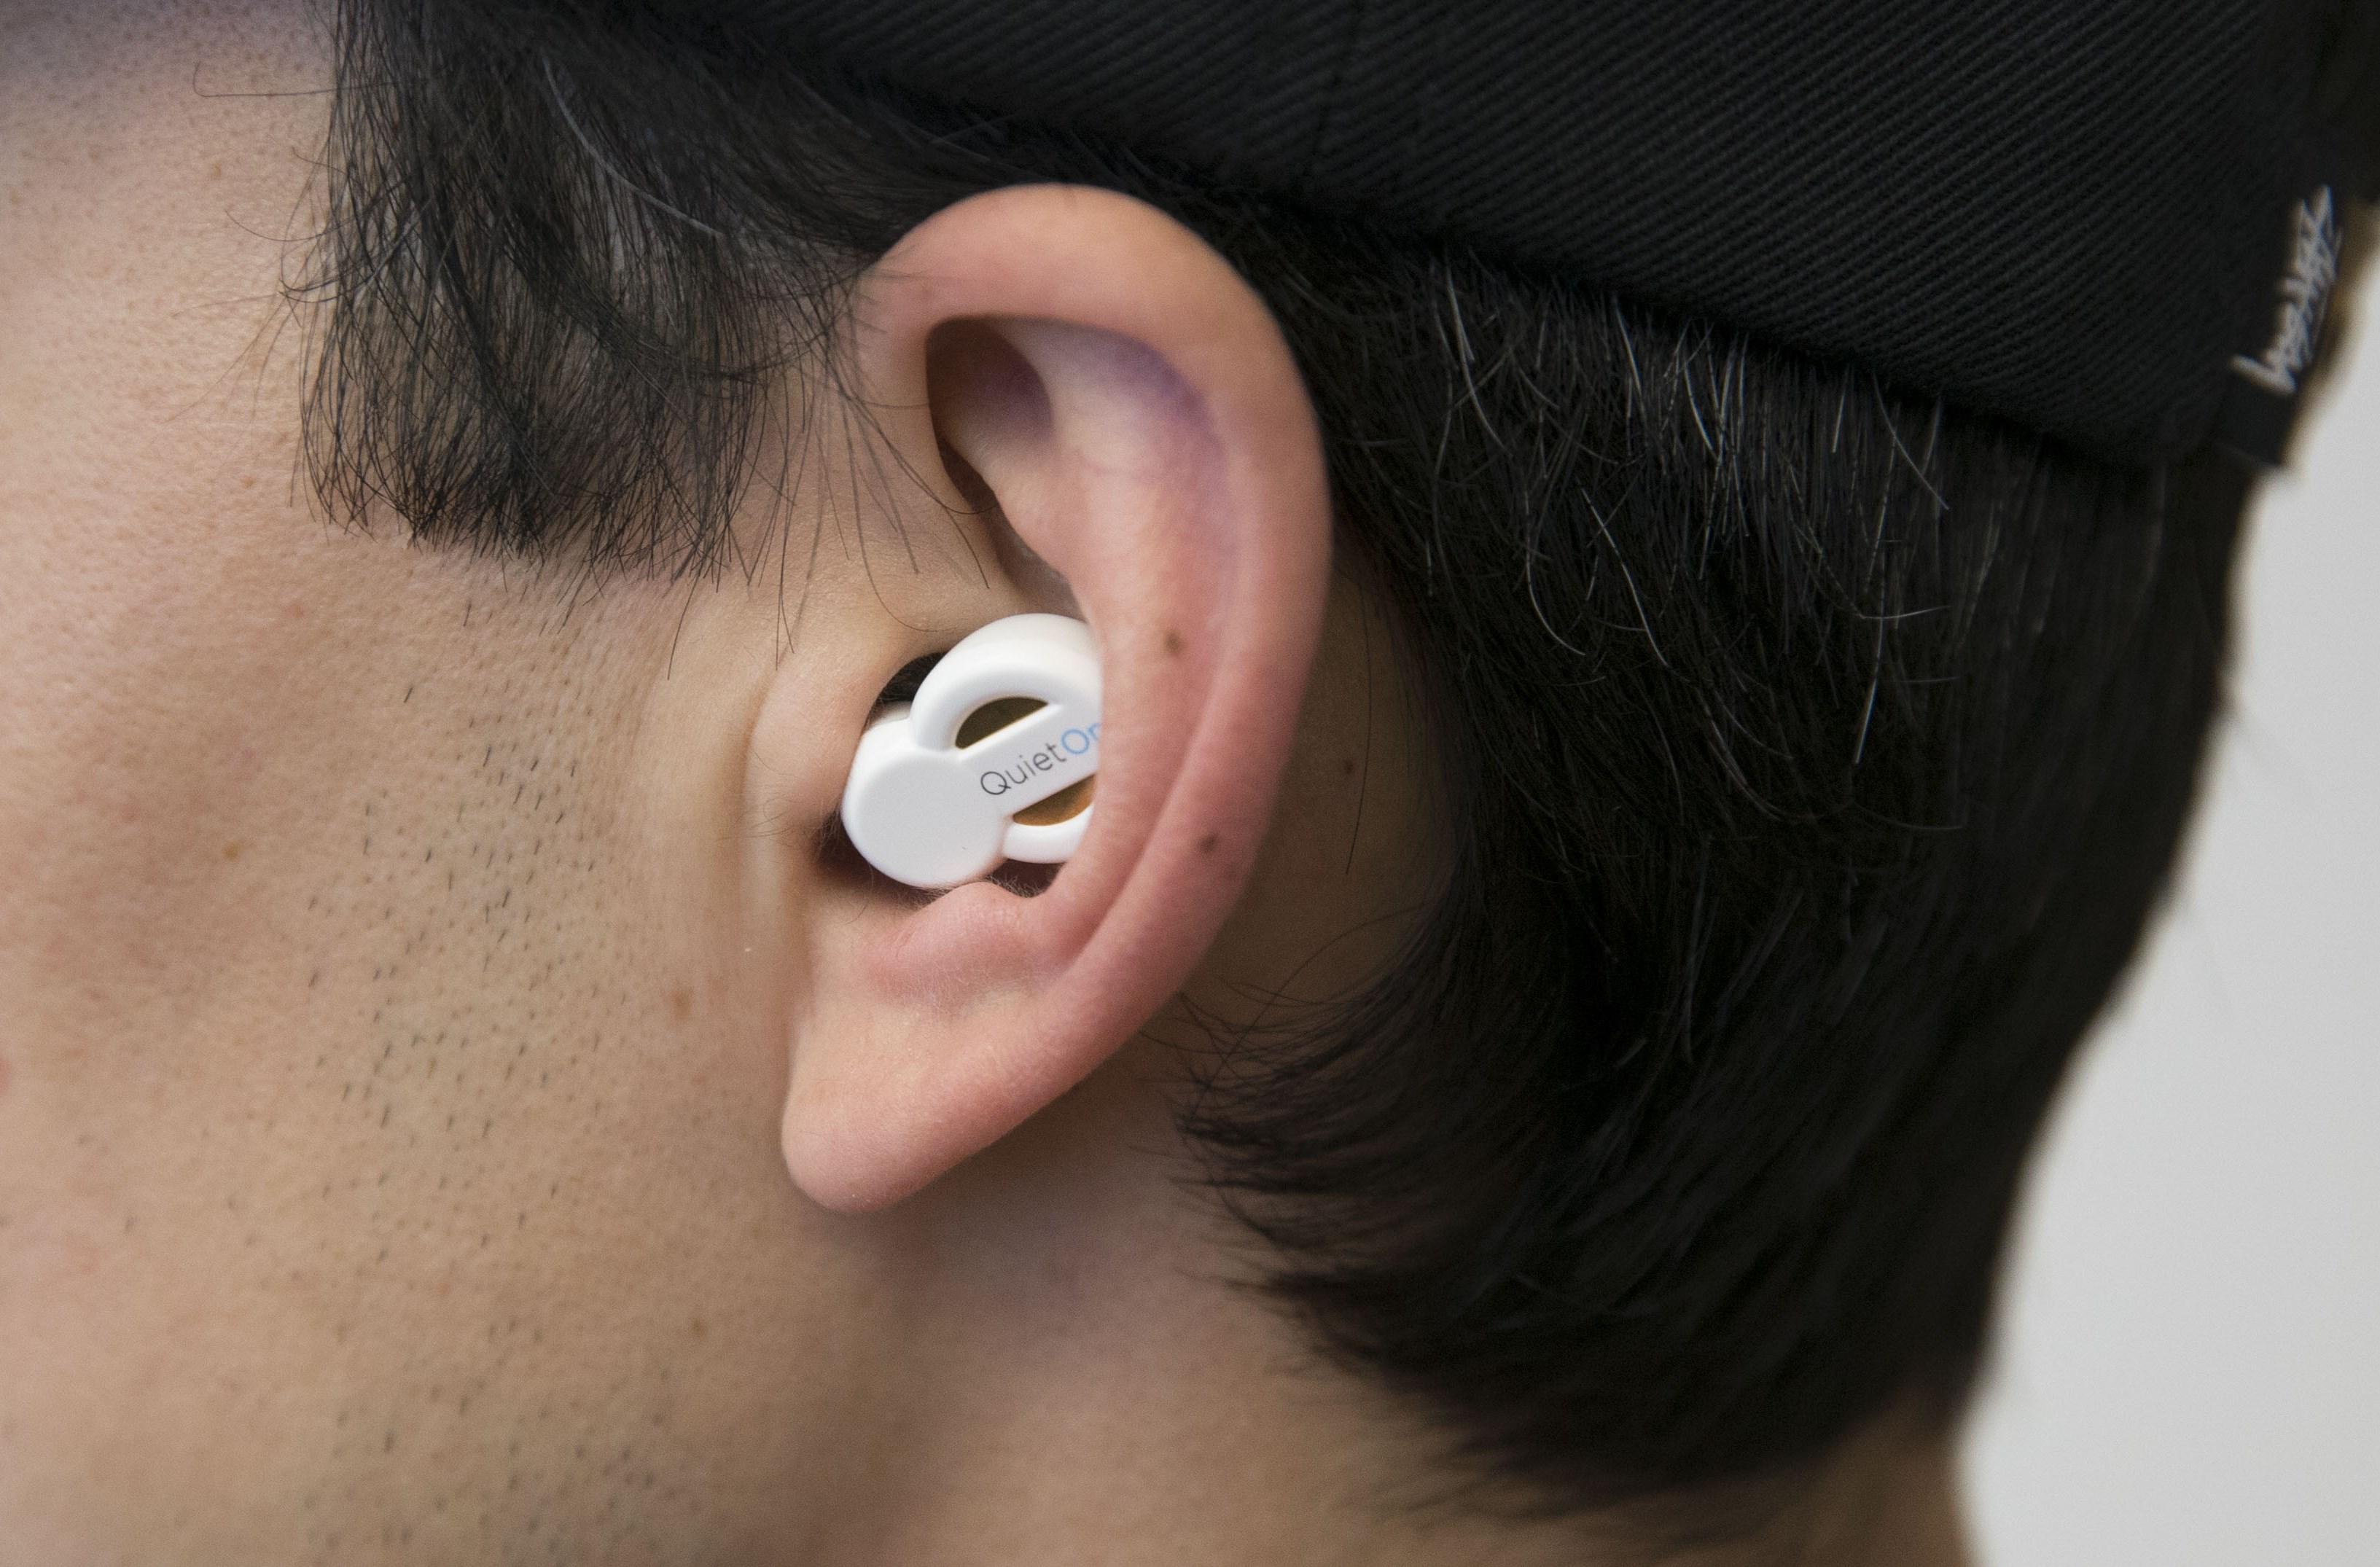 quieton im test: ich war mit einem 180-euro-gehörschutz im techno